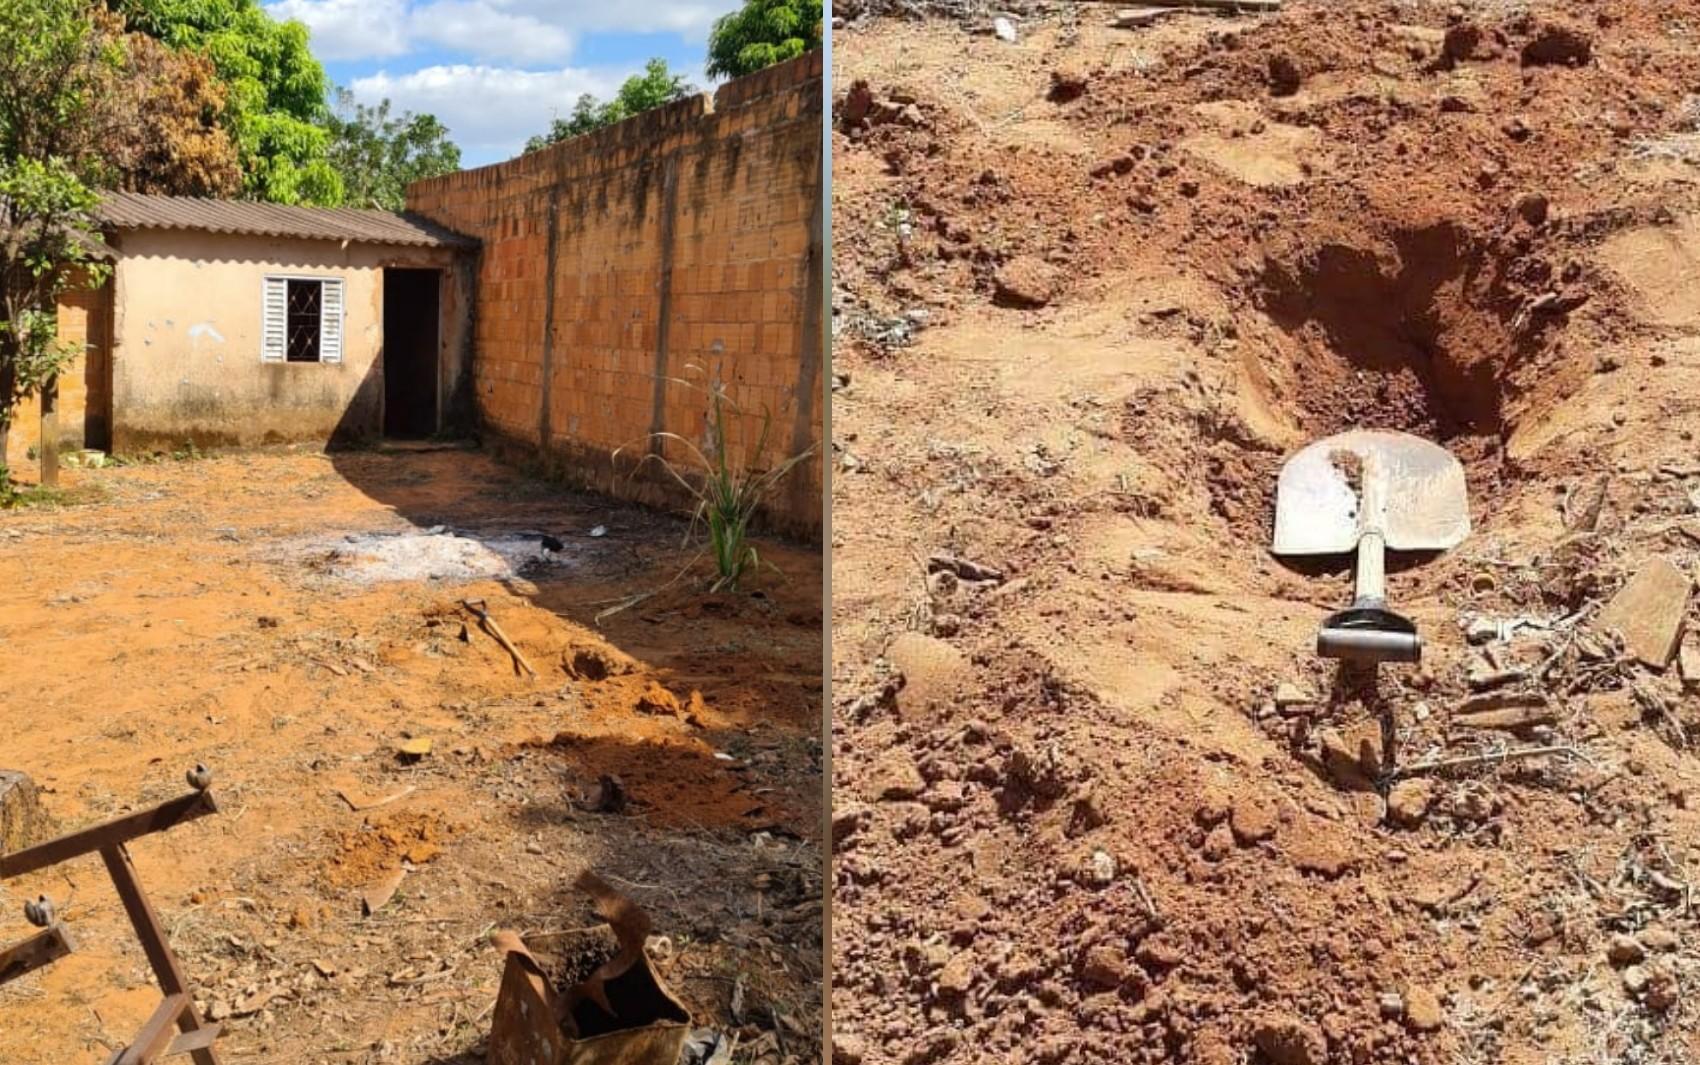 Jovem é preso suspeito de matar a mãe com martelo e alegar que voz mandou cometer o crime, em Águas Lindas de Goiás